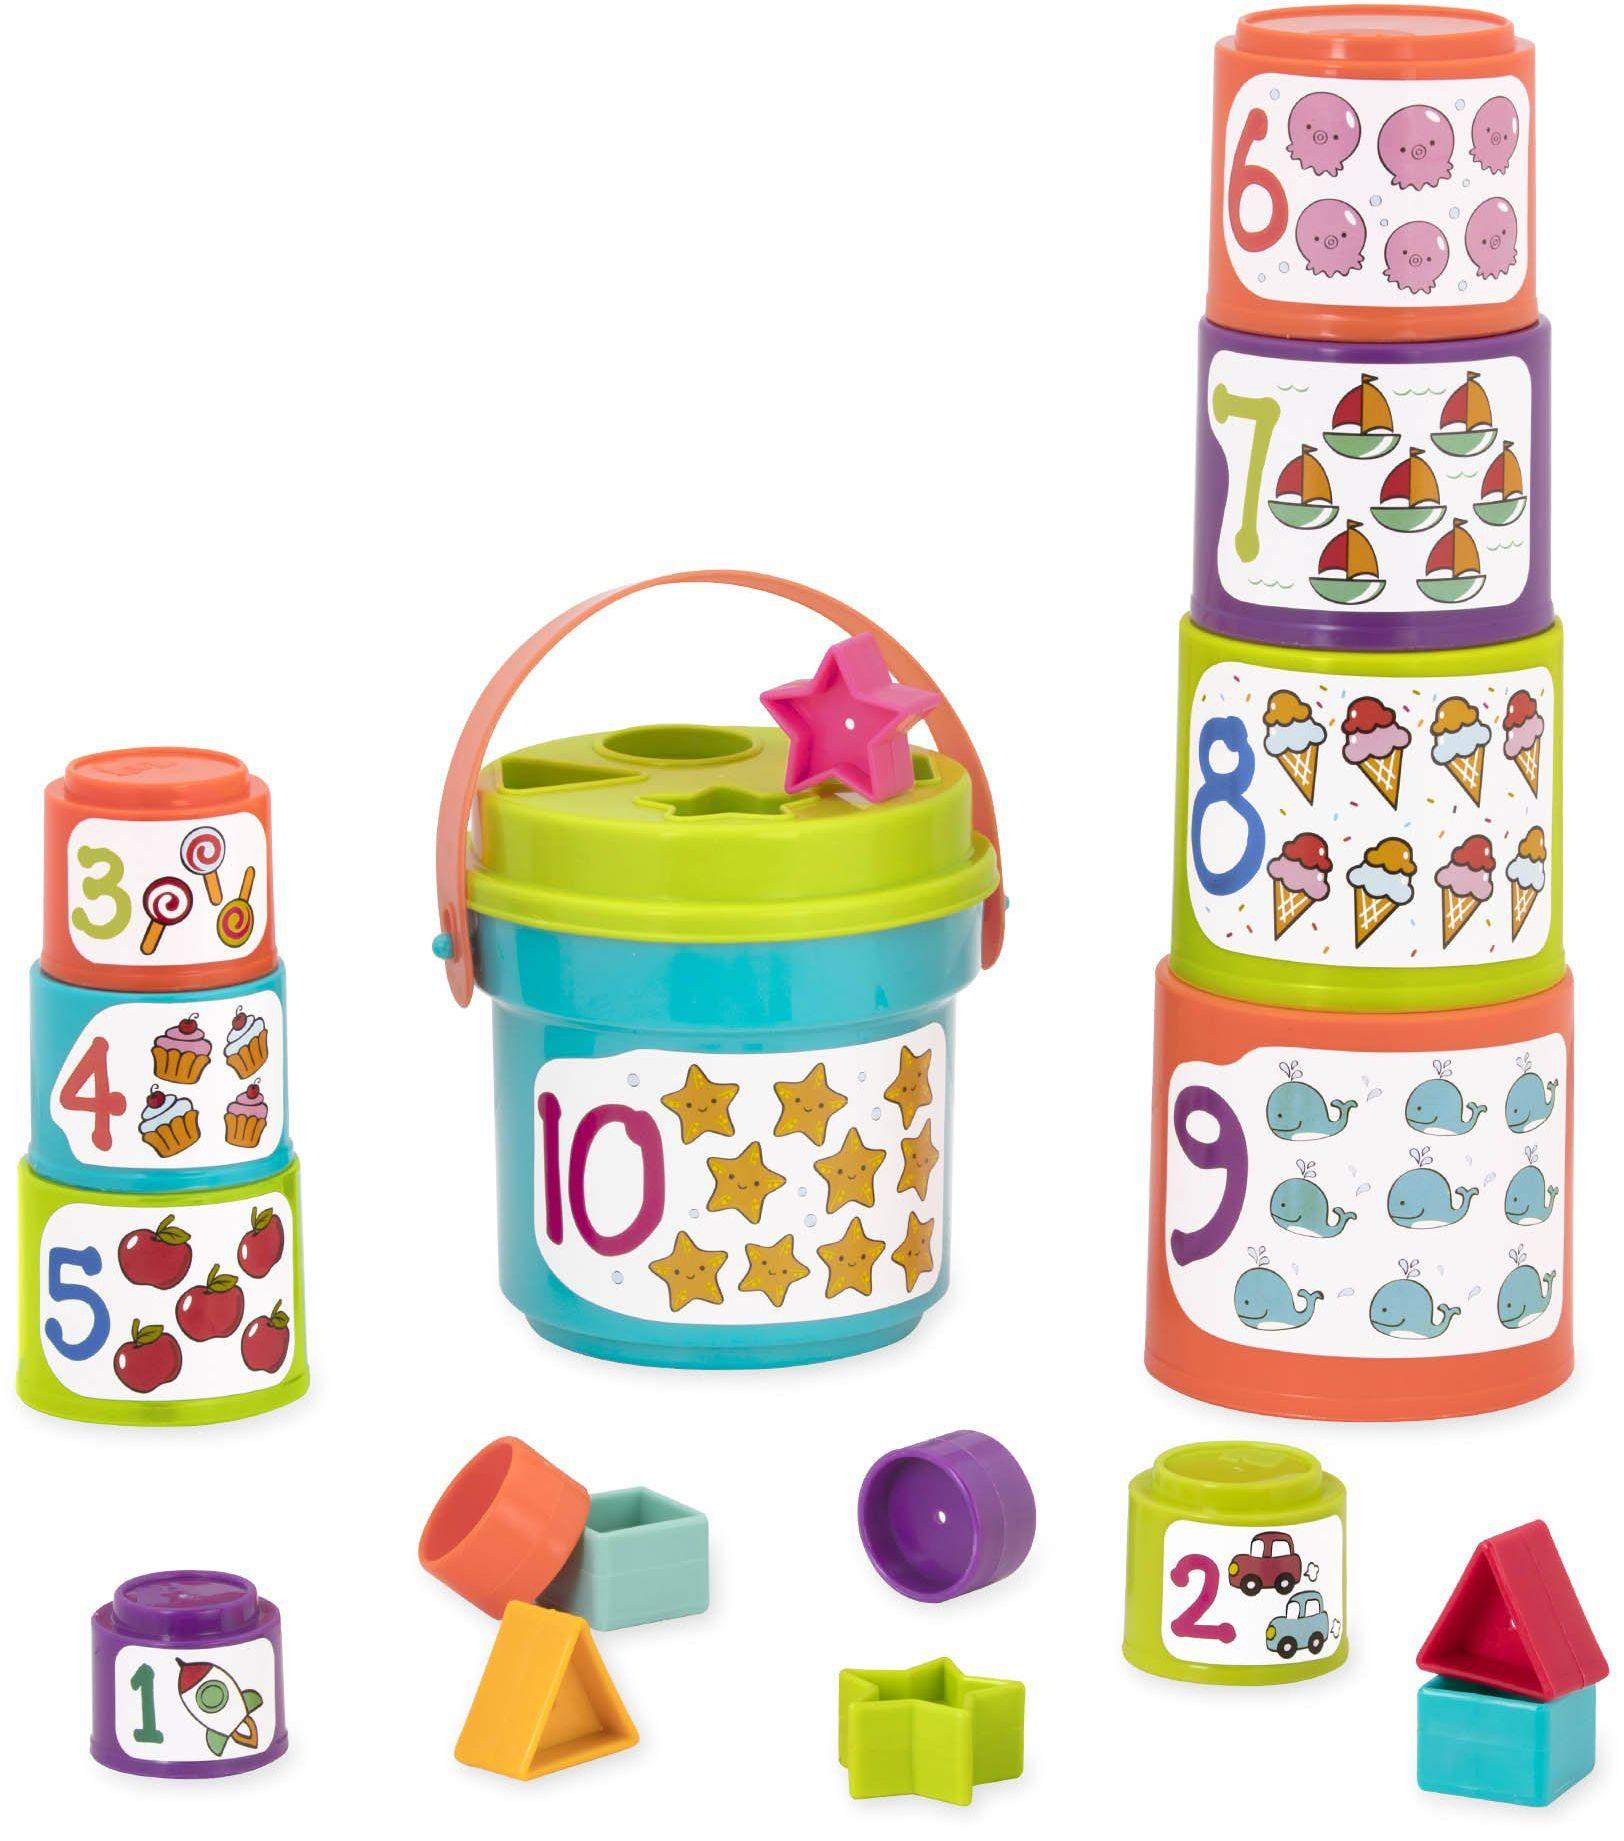 Battat  Kubki do sortowania cyfr i kształtów  do sortowania kształtów i układania w stos dla dzieci i niemowląt od 18 miesięcy (19 części)